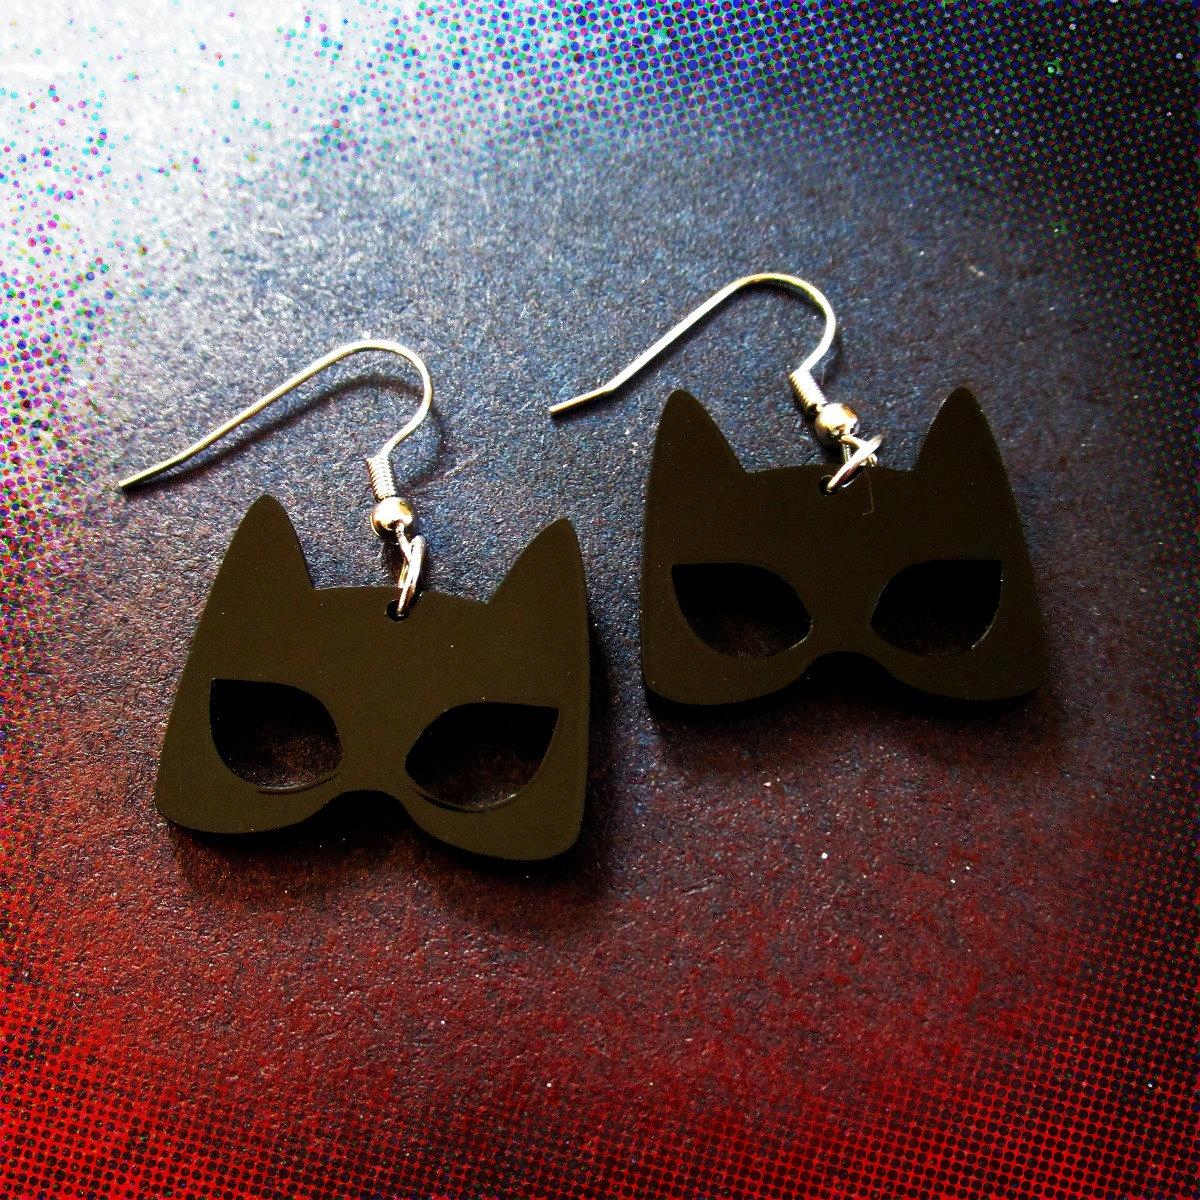 Silhouette Earrings: Catwoman Black Mask Silhouette Shape Earrings Cowl Cat Woman